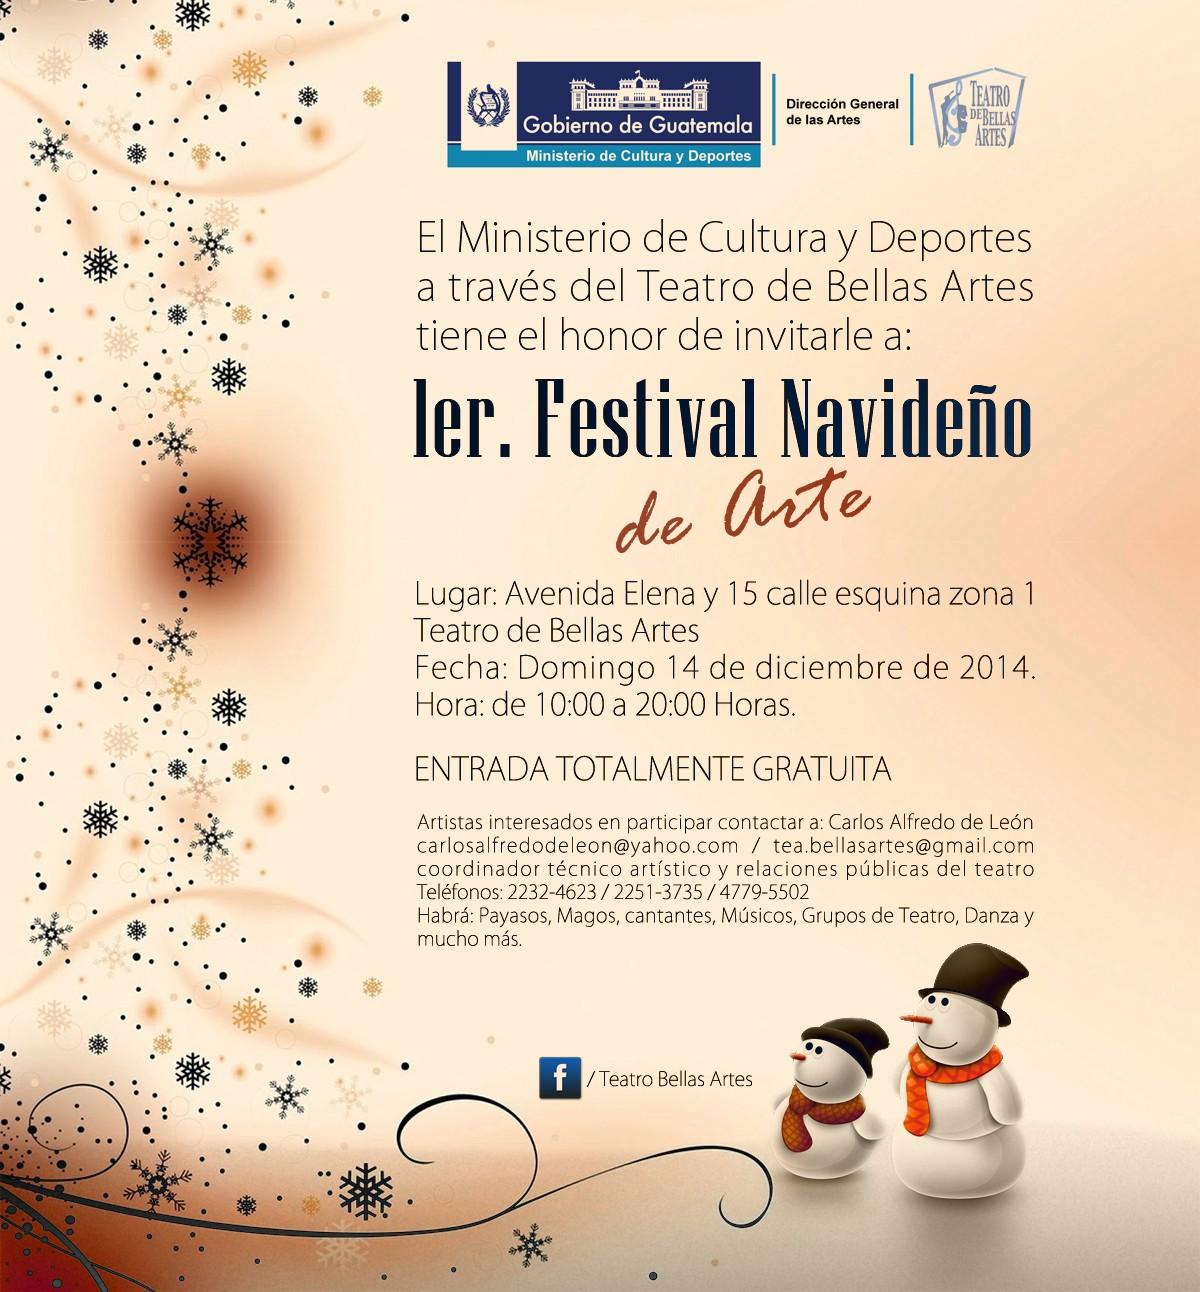 Invitación temporada navideña Bellas Artes 2014